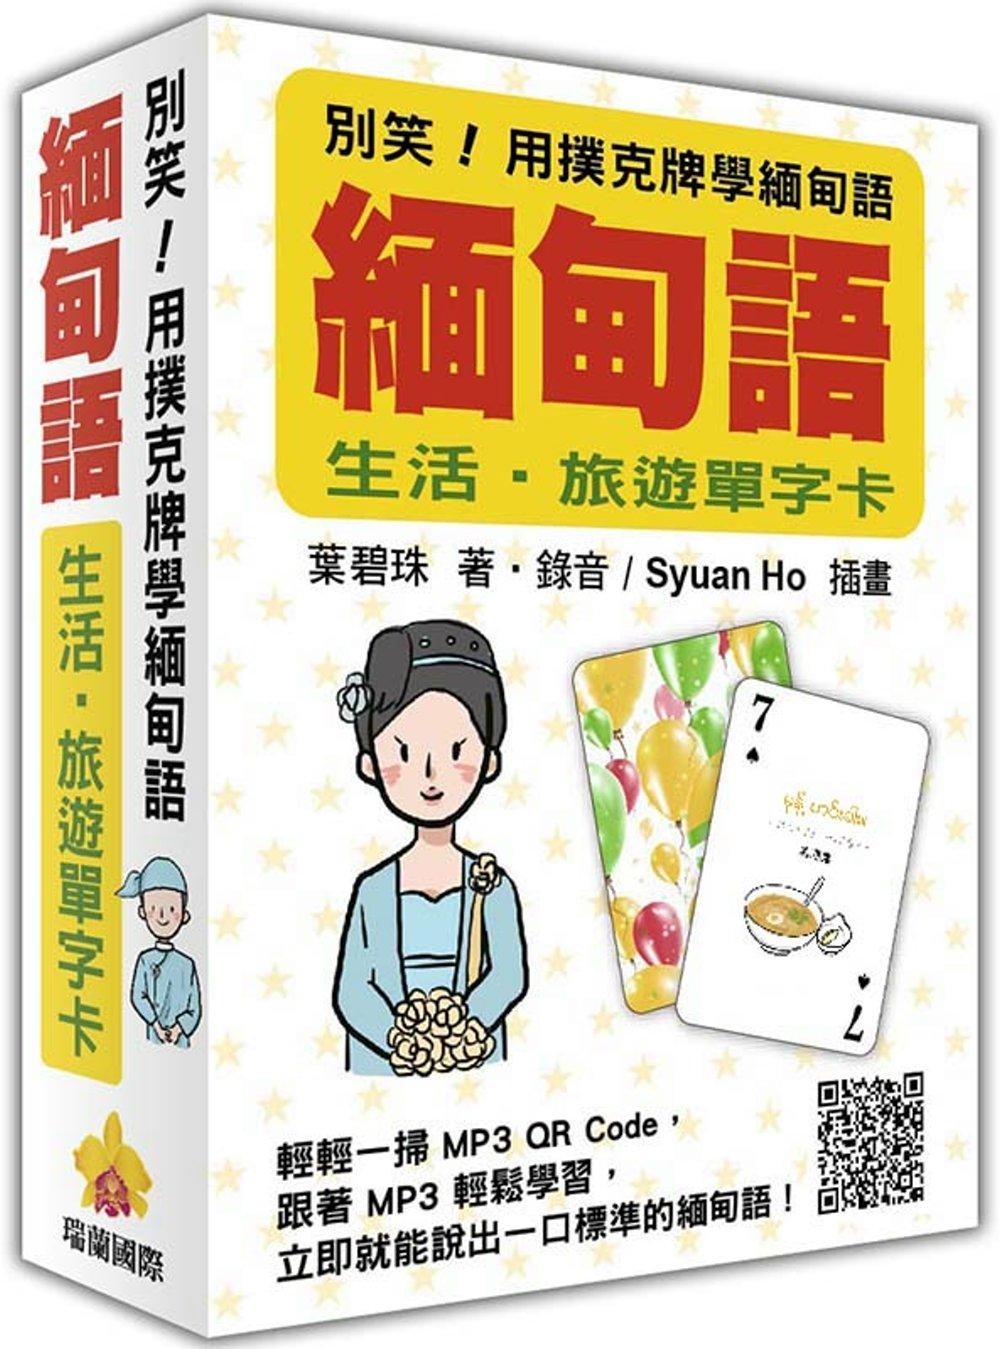 別笑!用撲克牌學緬甸語:緬甸語 ‧旅遊單字卡 隨盒附贈作者親錄 緬甸語朗讀MP3 QR C